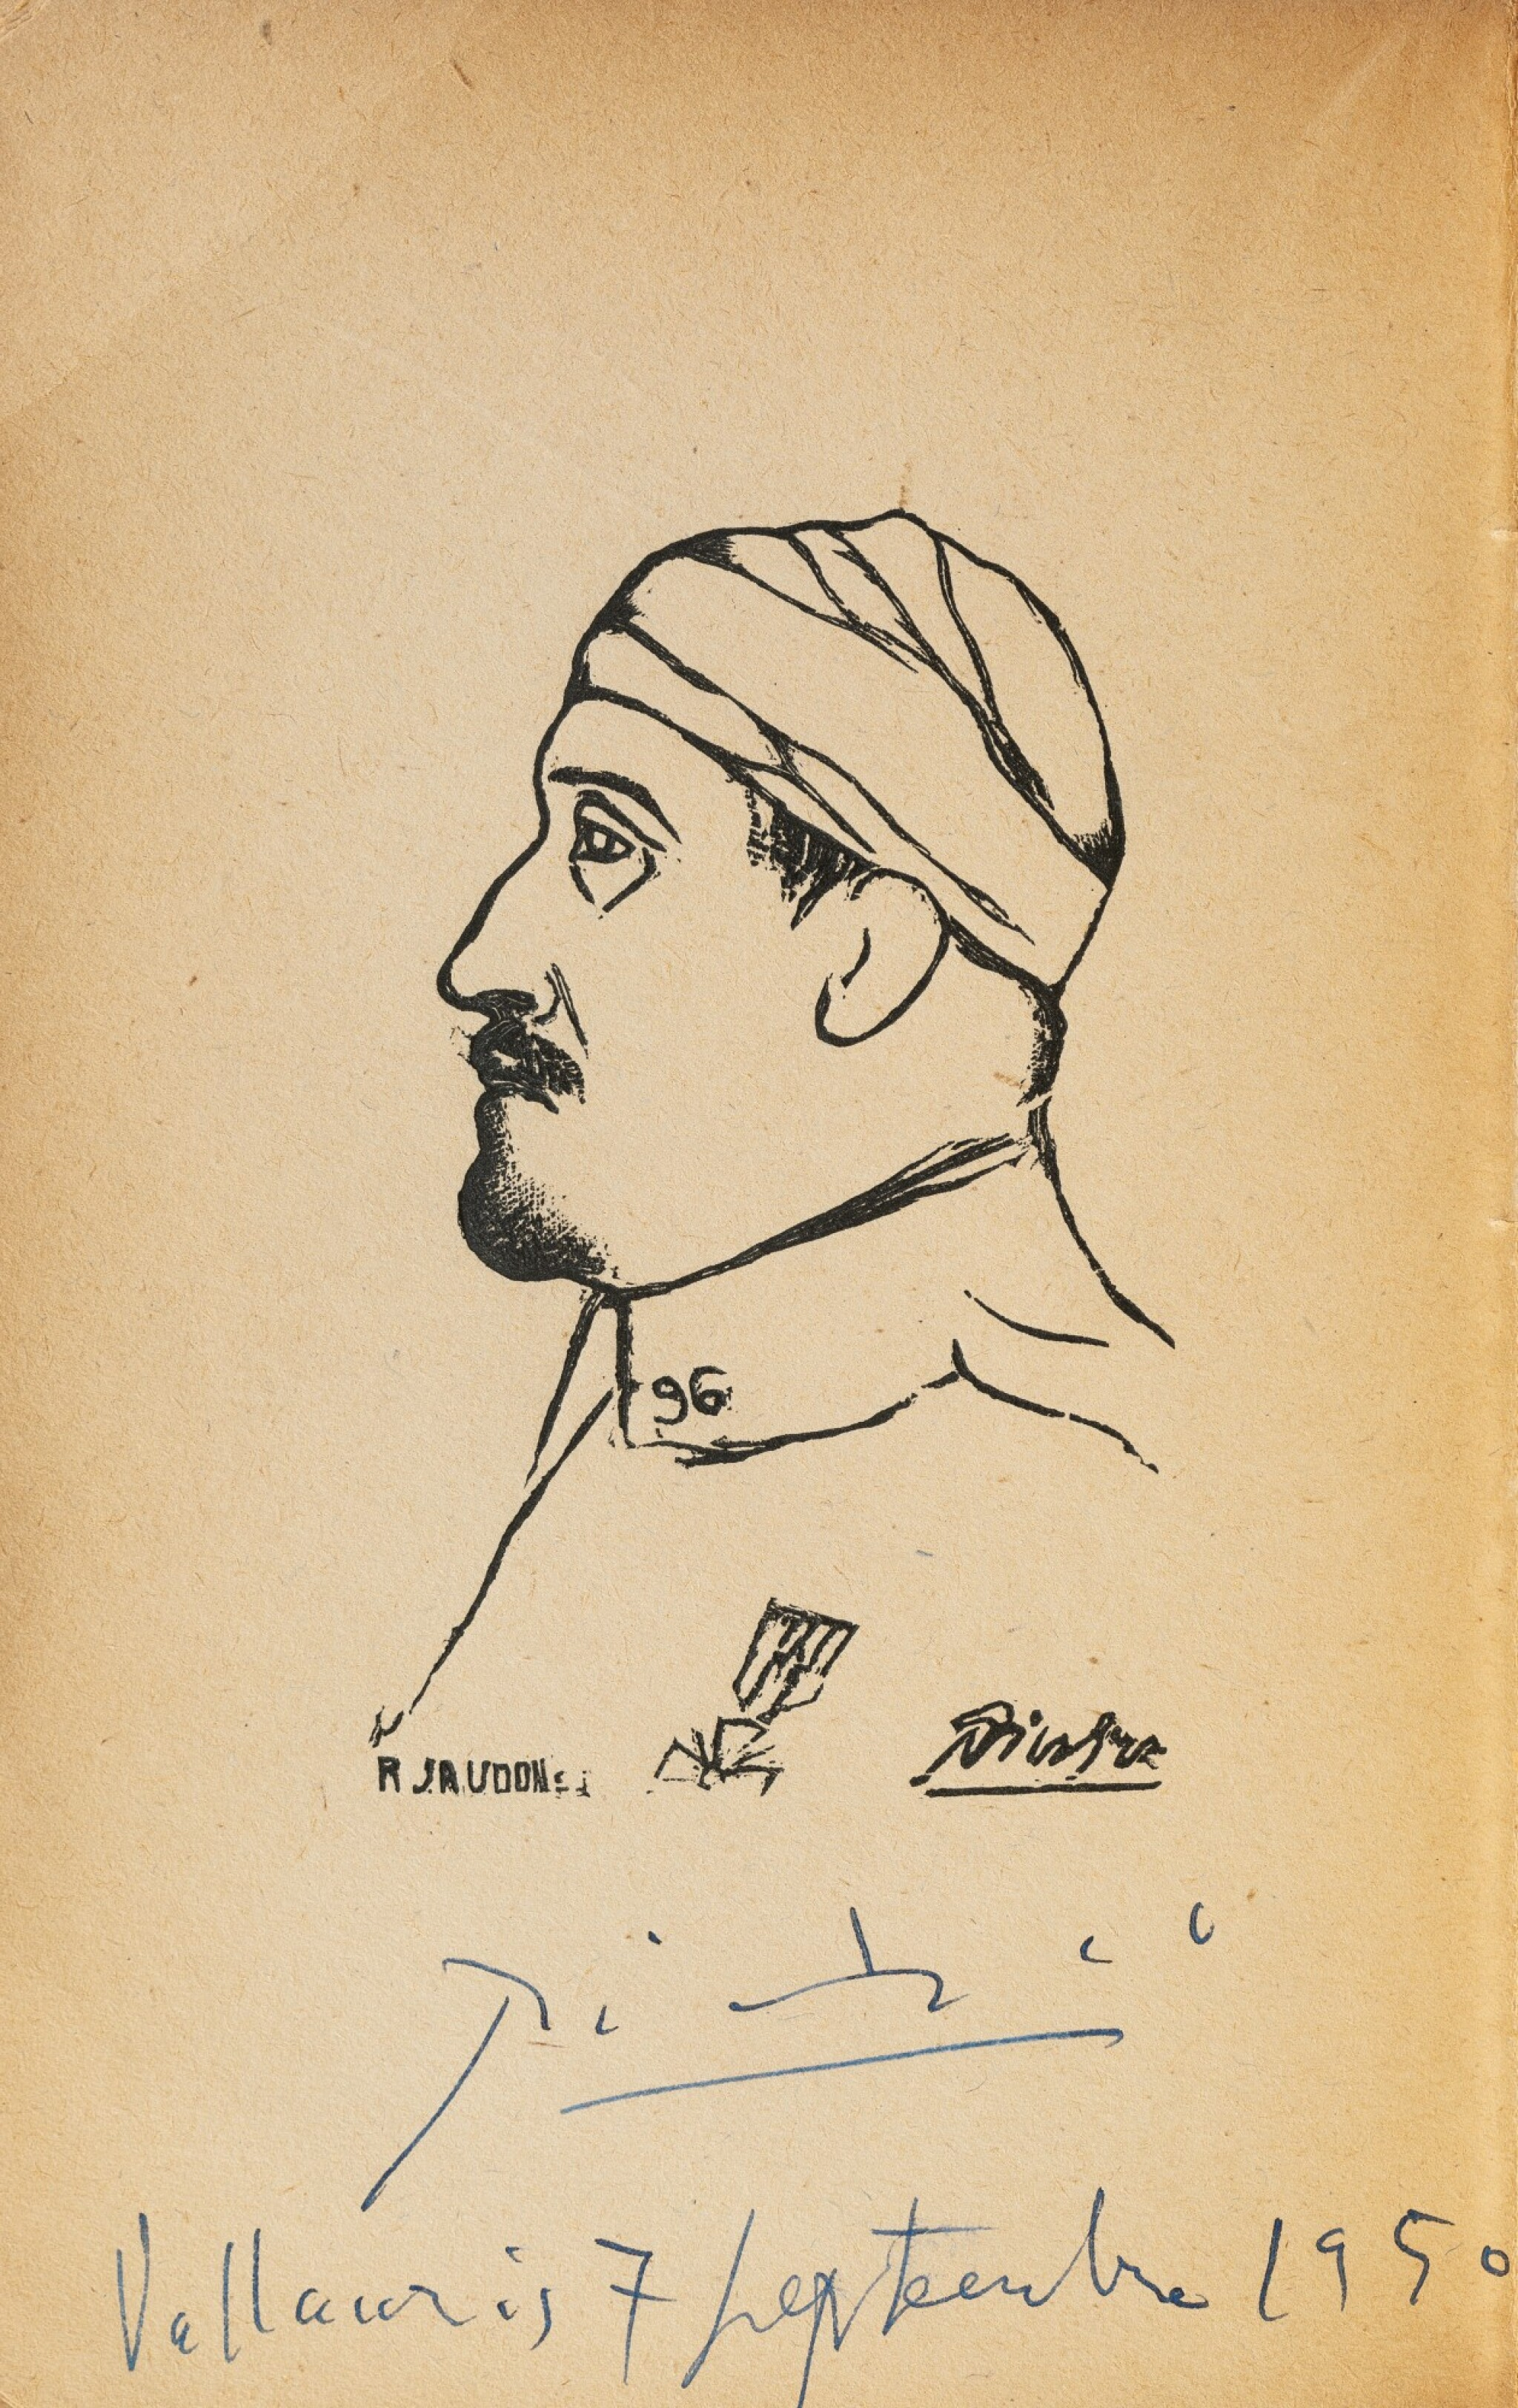 View full screen - View 1 of Lot 200. Calligrammes. 1918. Broché. Portrait frontispice avec signature autographe de Picasso..